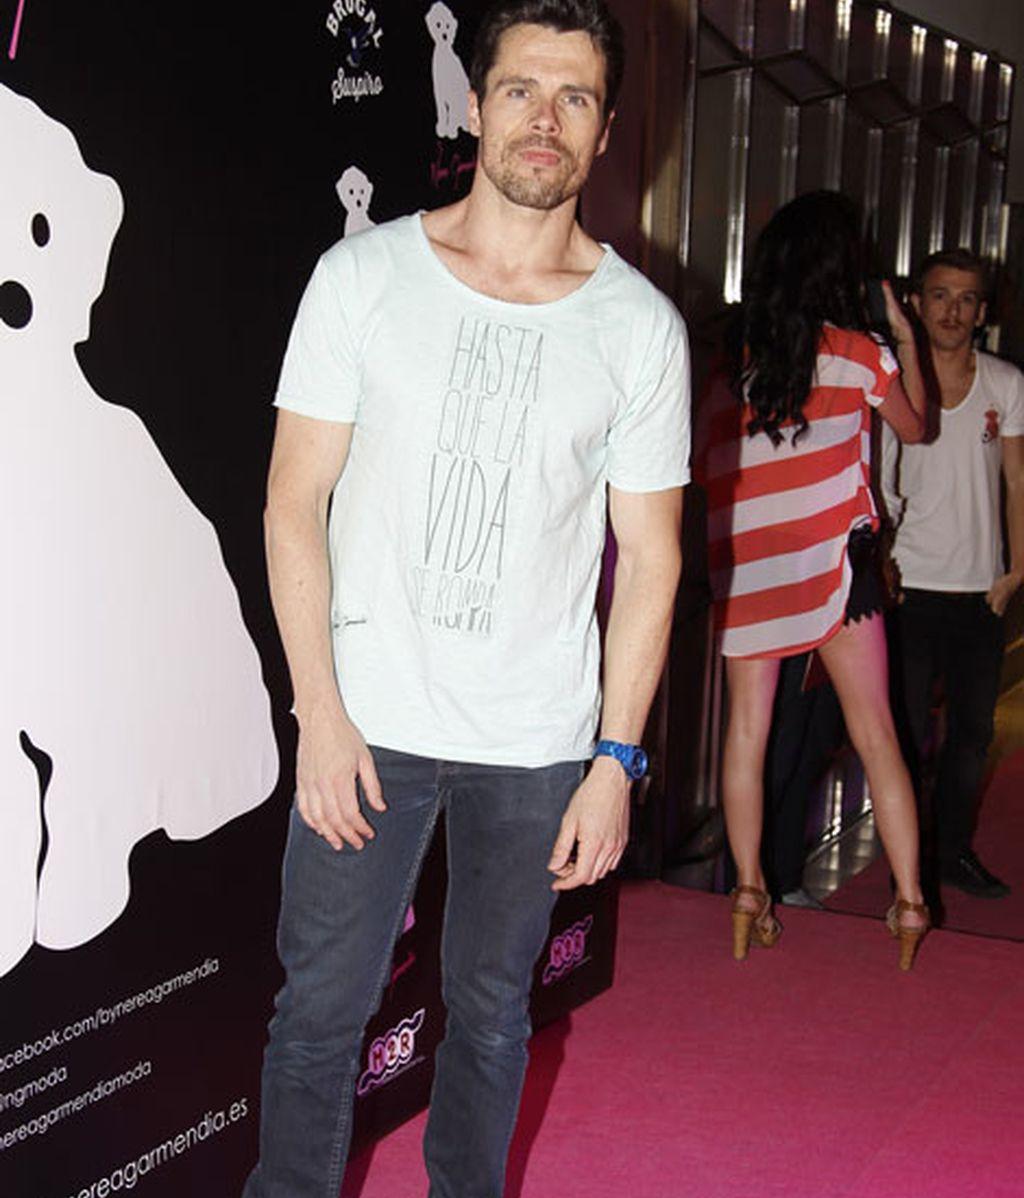 El actor Octavi Pujades con una camiseta diseñada por Garmendia